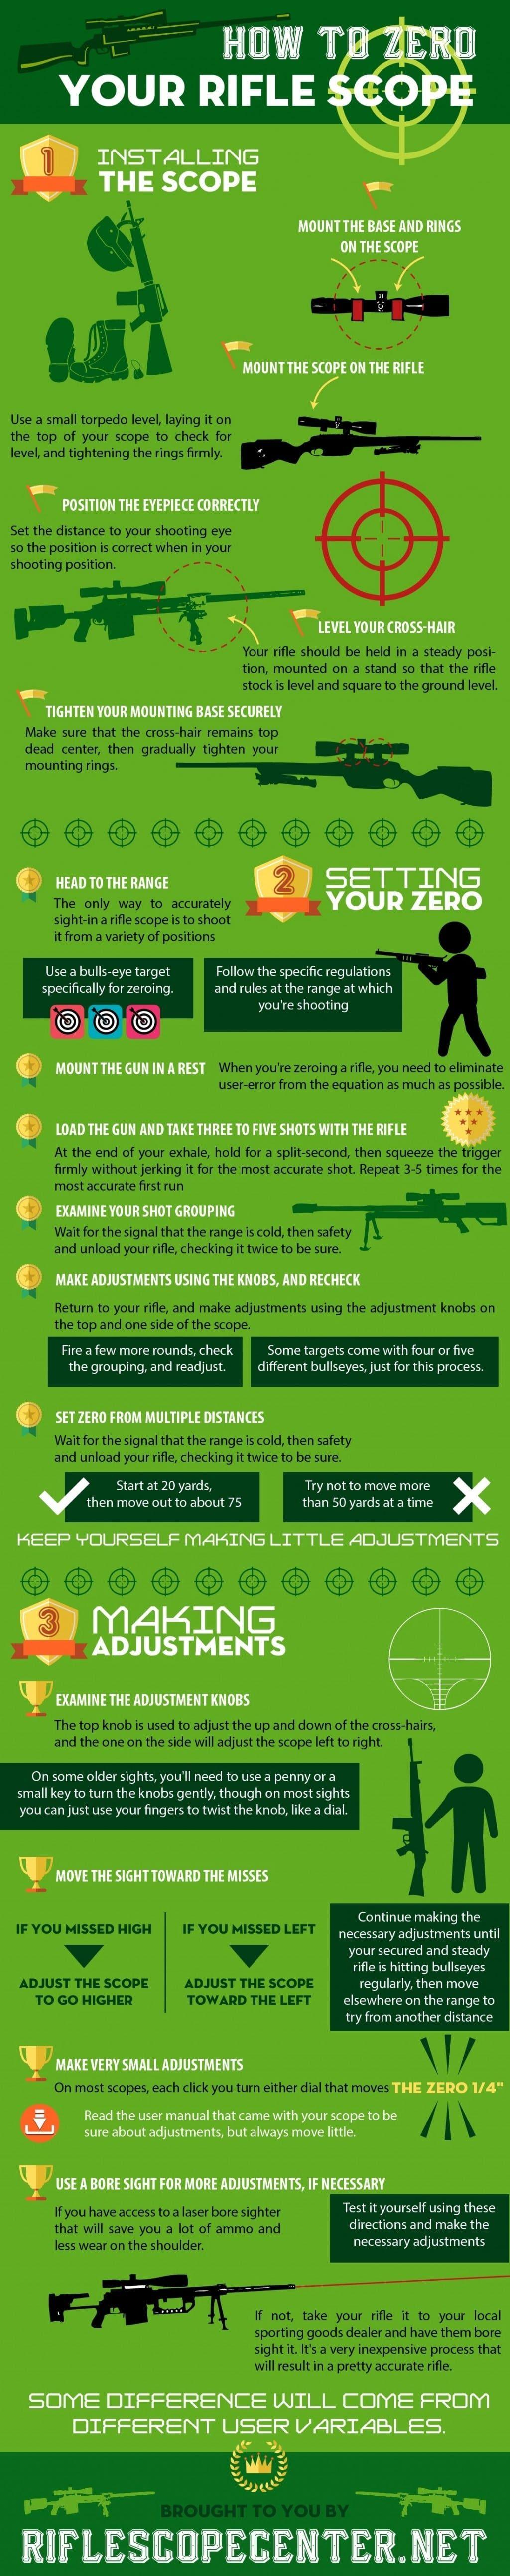 Pin on Gun Trainig Guide